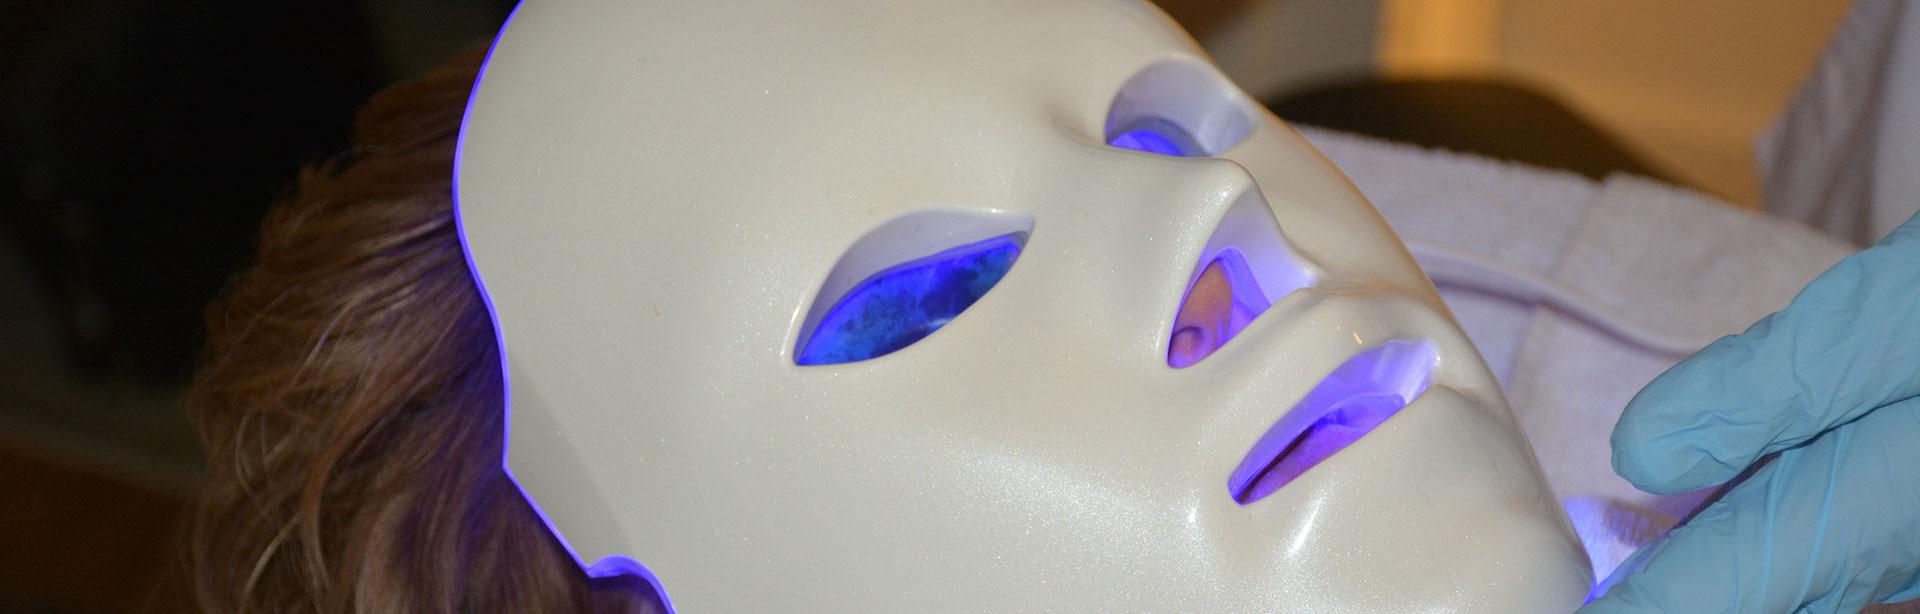 Ledmasker behandelingen